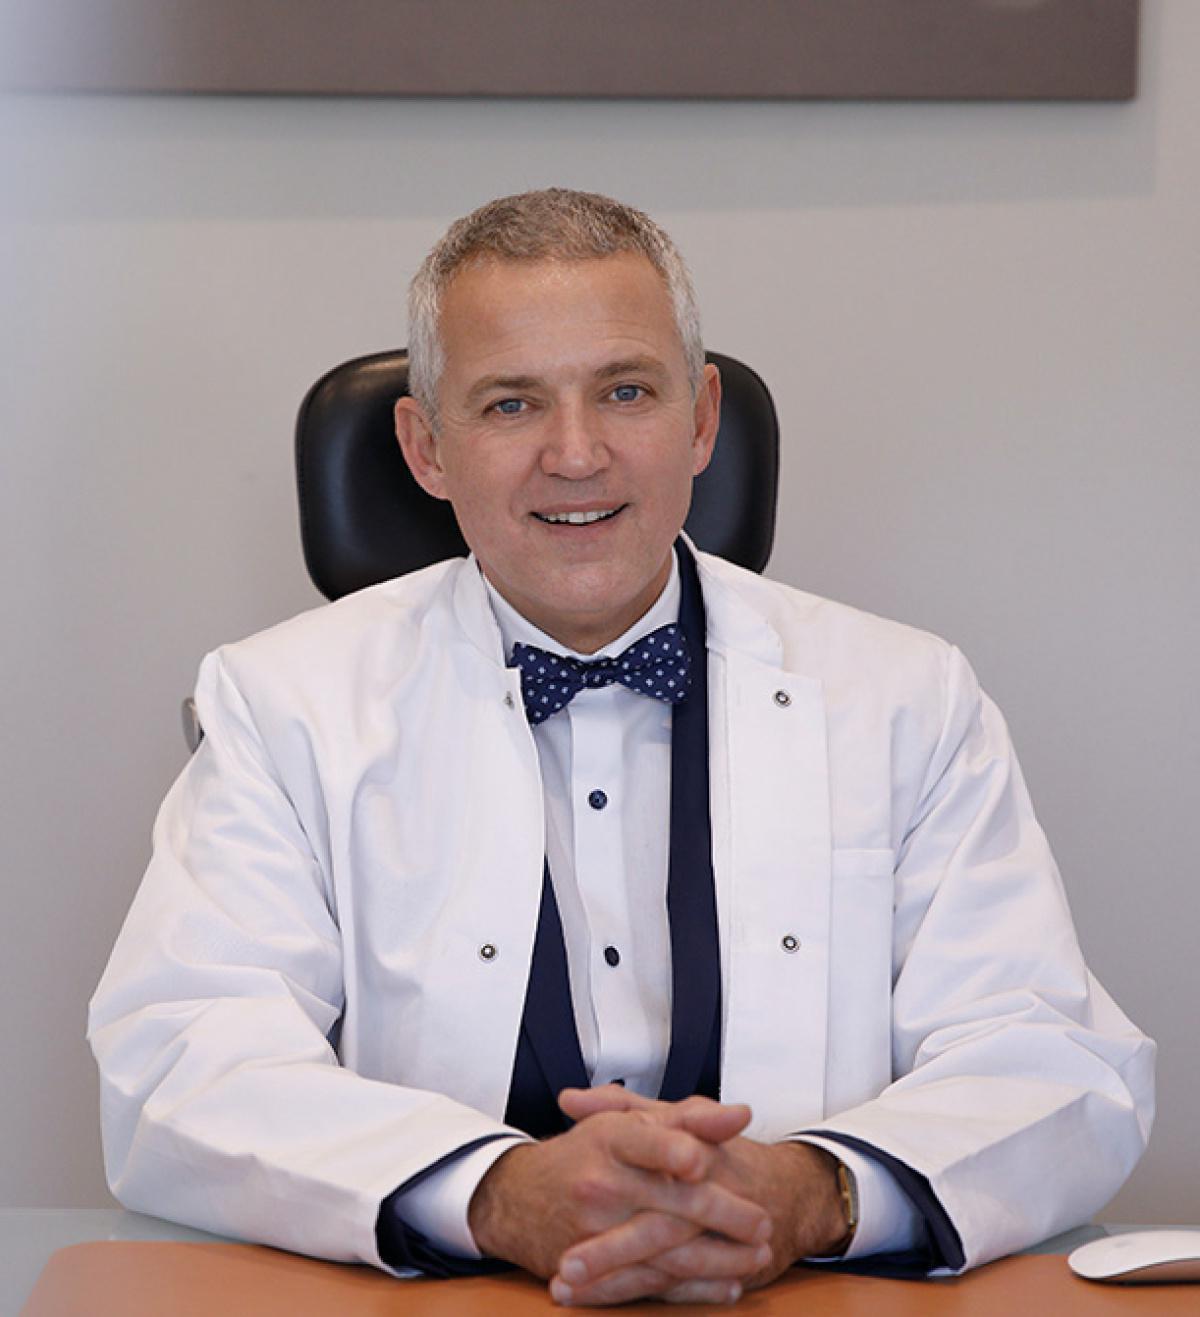 Le Dr Trotta et le laboratoire Nutritional Dr Trotta